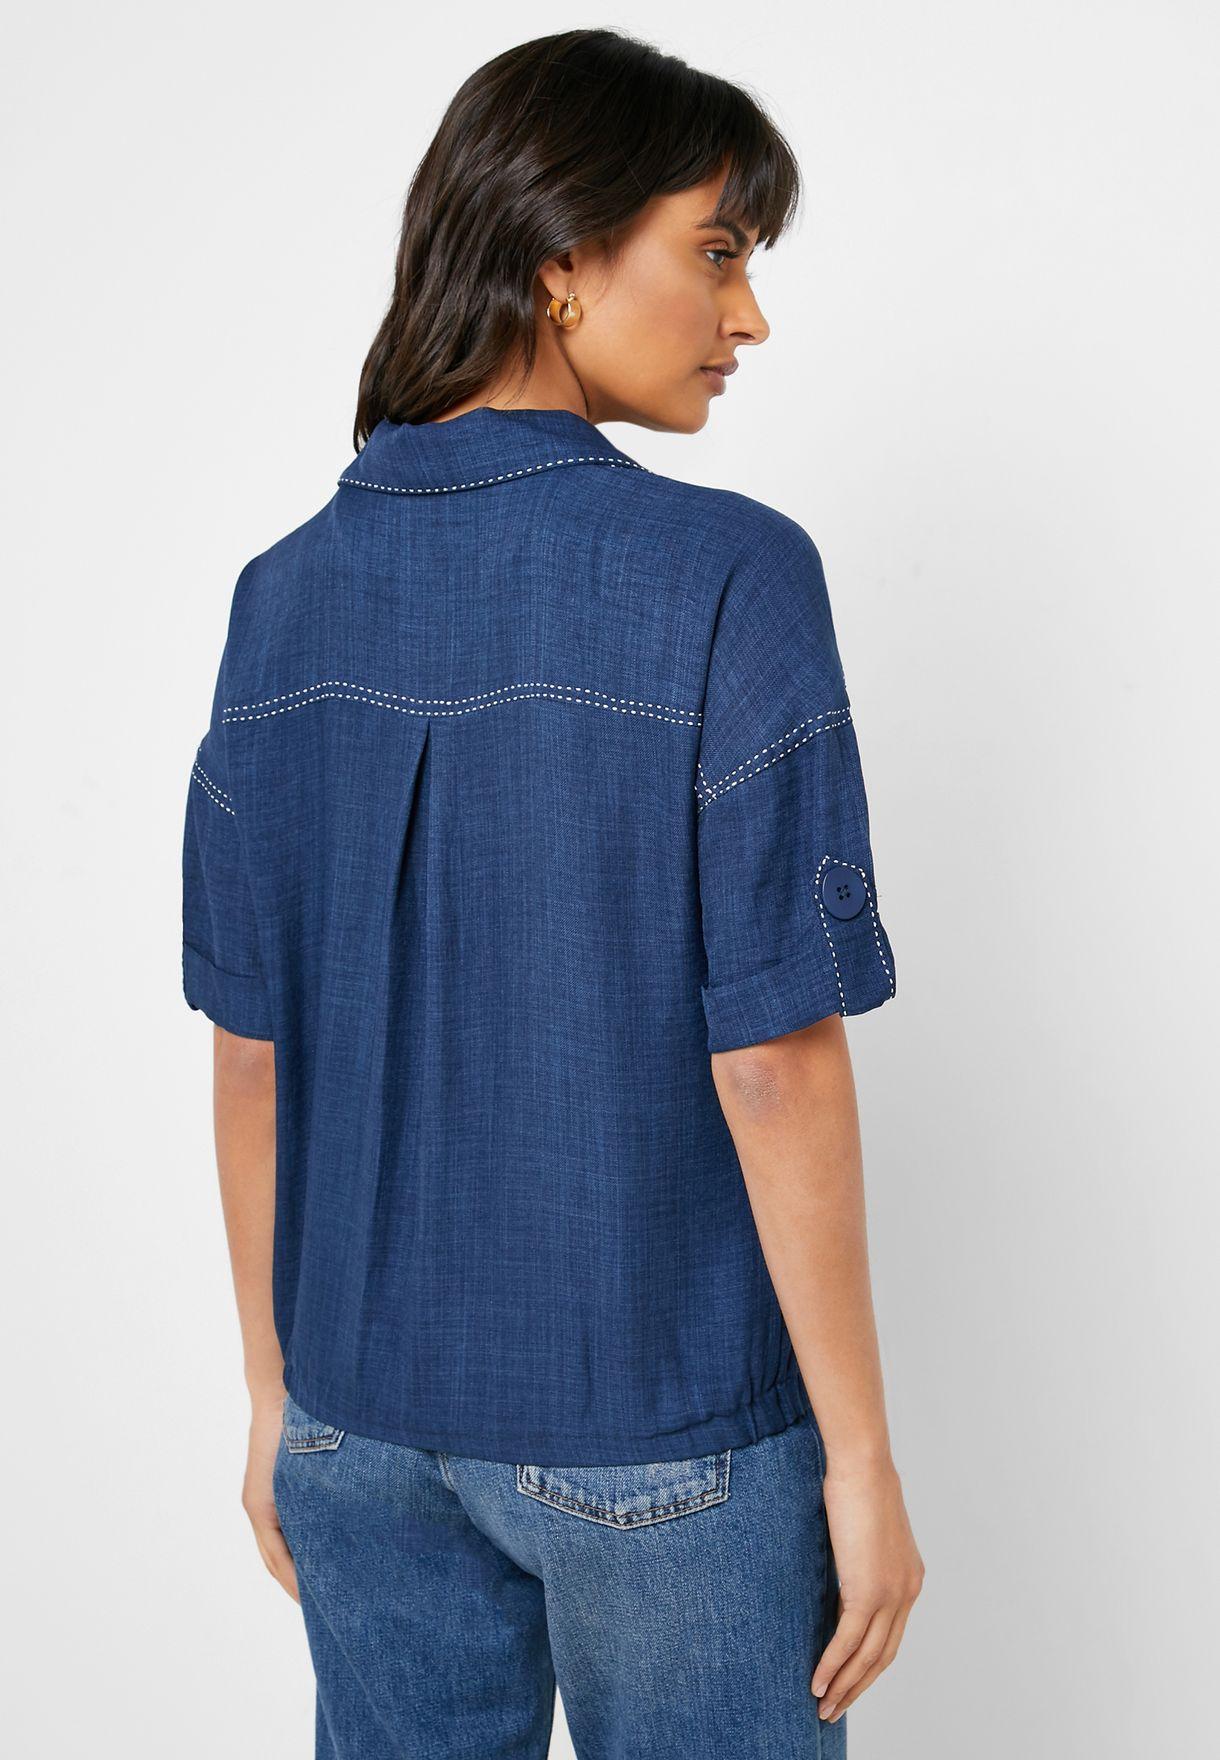 بلوزة بنمط قميص مع أكمام رول